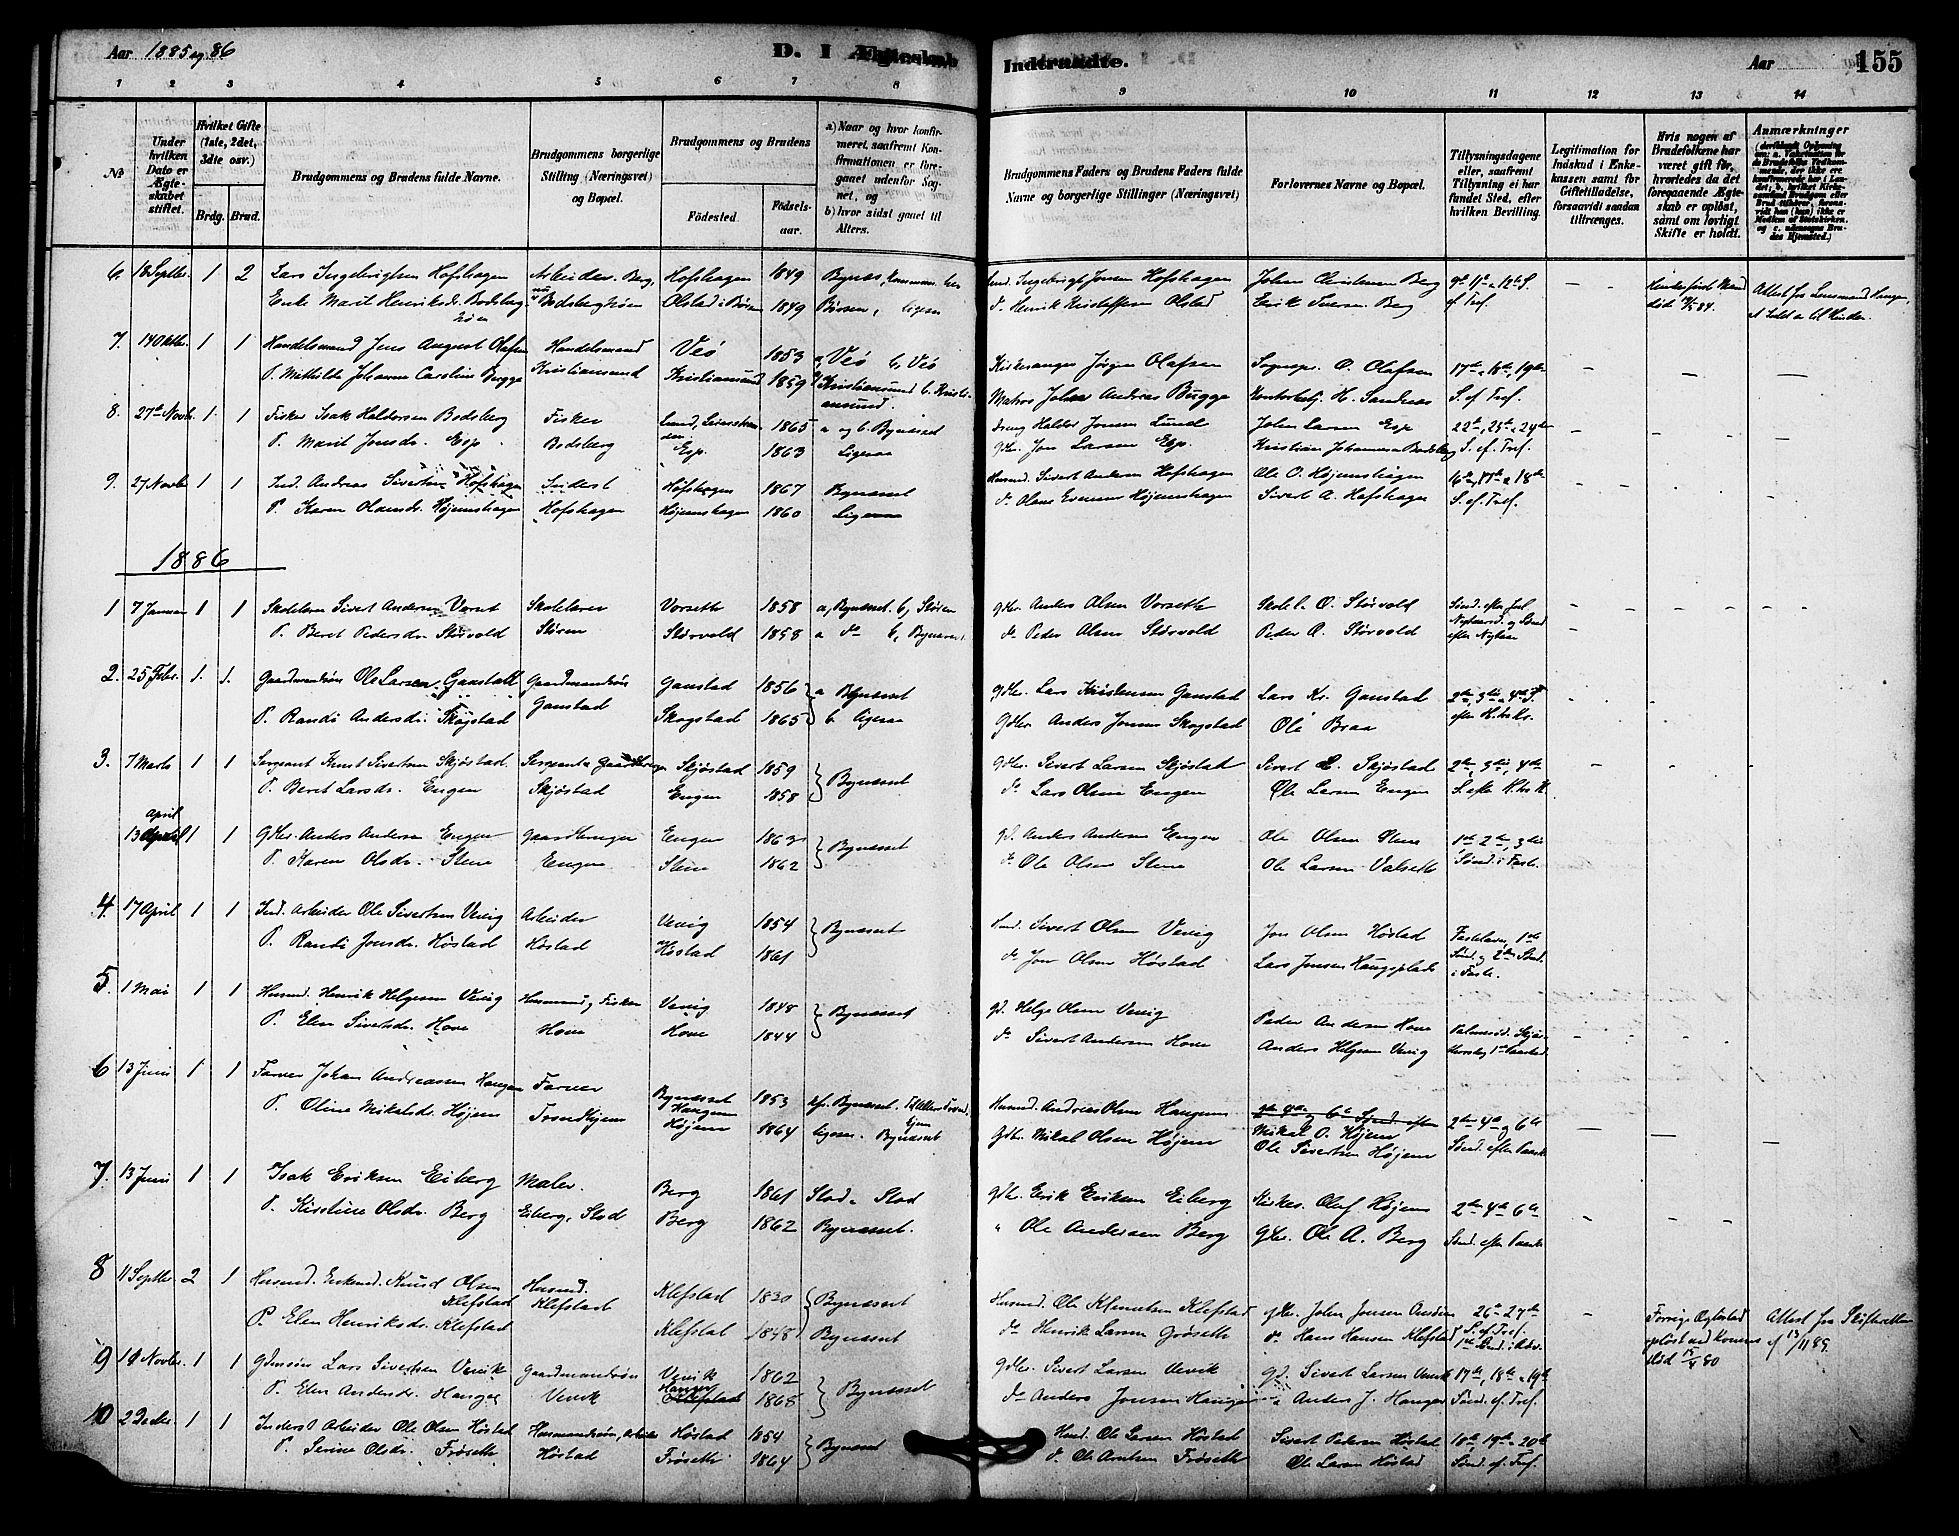 SAT, Ministerialprotokoller, klokkerbøker og fødselsregistre - Sør-Trøndelag, 612/L0378: Ministerialbok nr. 612A10, 1878-1897, s. 155